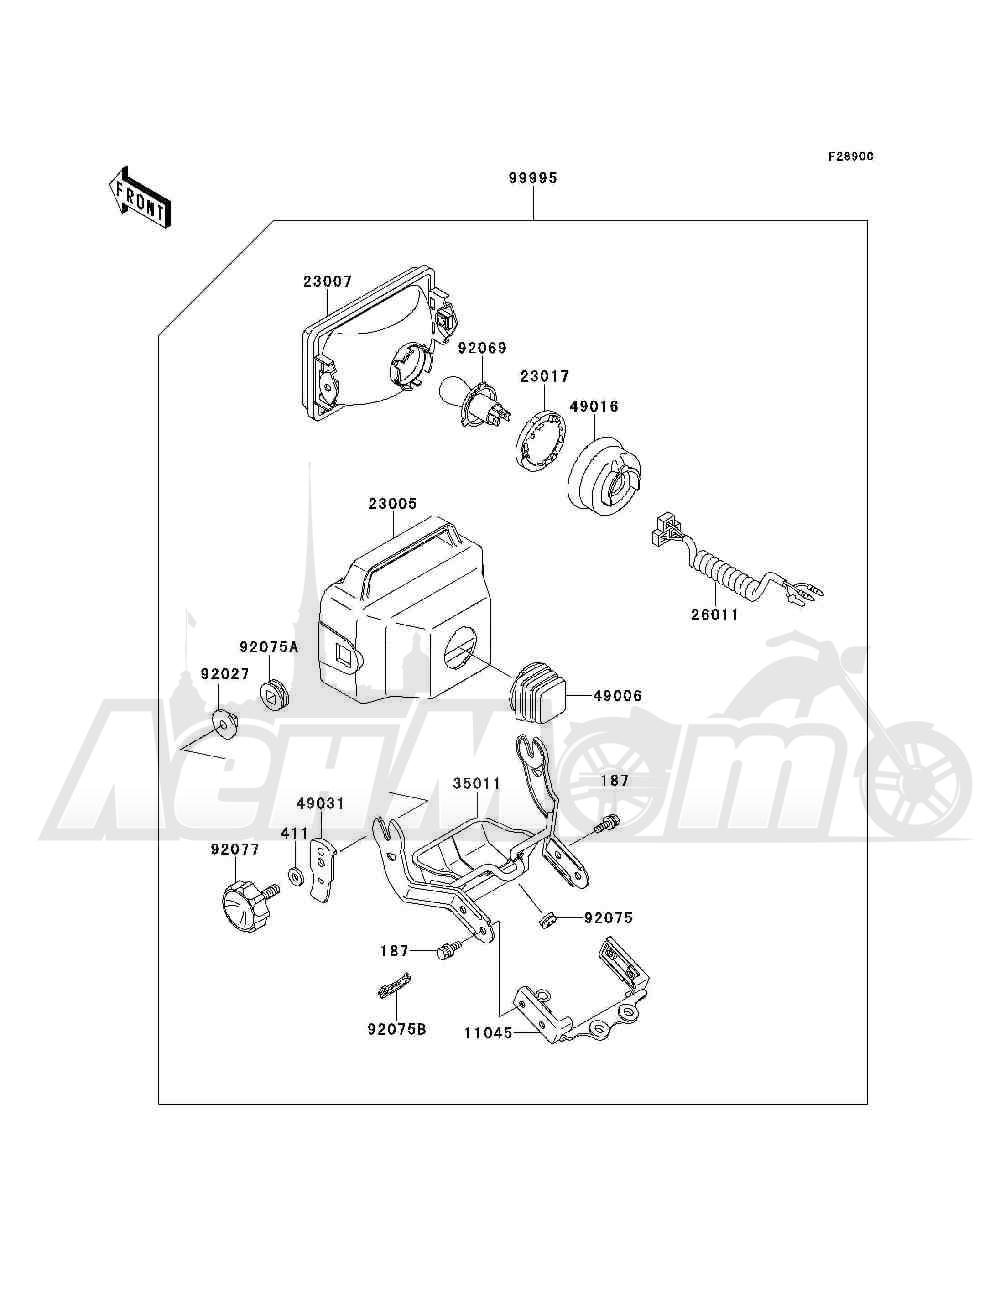 Запчасти для Квадроцикла Kawasaki 1994 BAYOU 300 4X4 (KLF300-C6) Раздел: OPTIONAL PARTS(HEADLIGHT)   опционально детали (передняя фара)